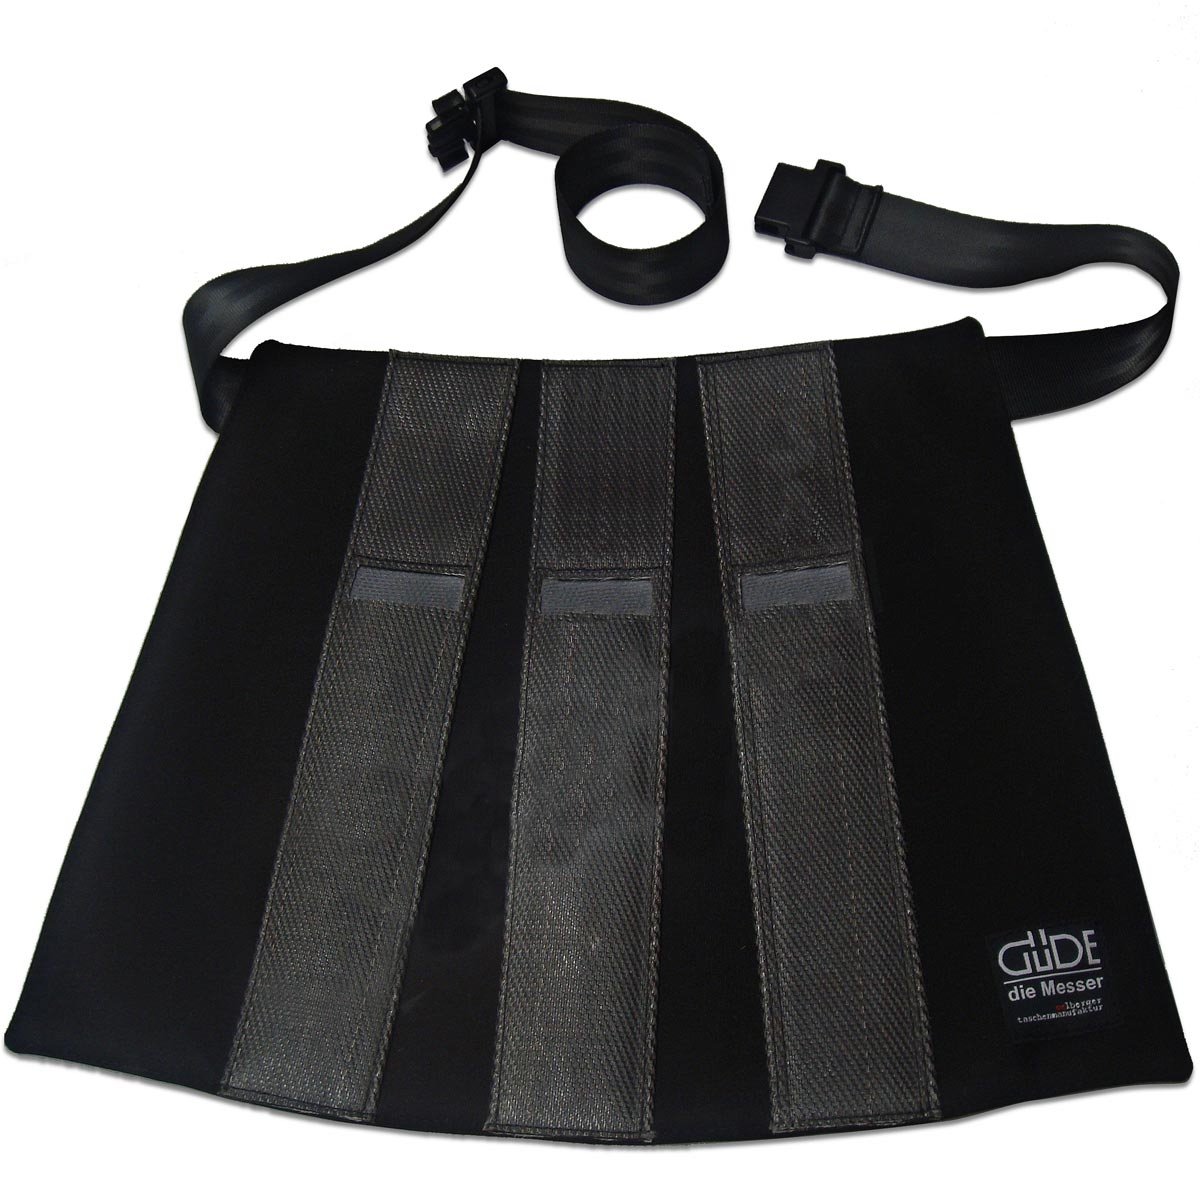 Güde Messerschürze für 3 Messer günstig online kaufen